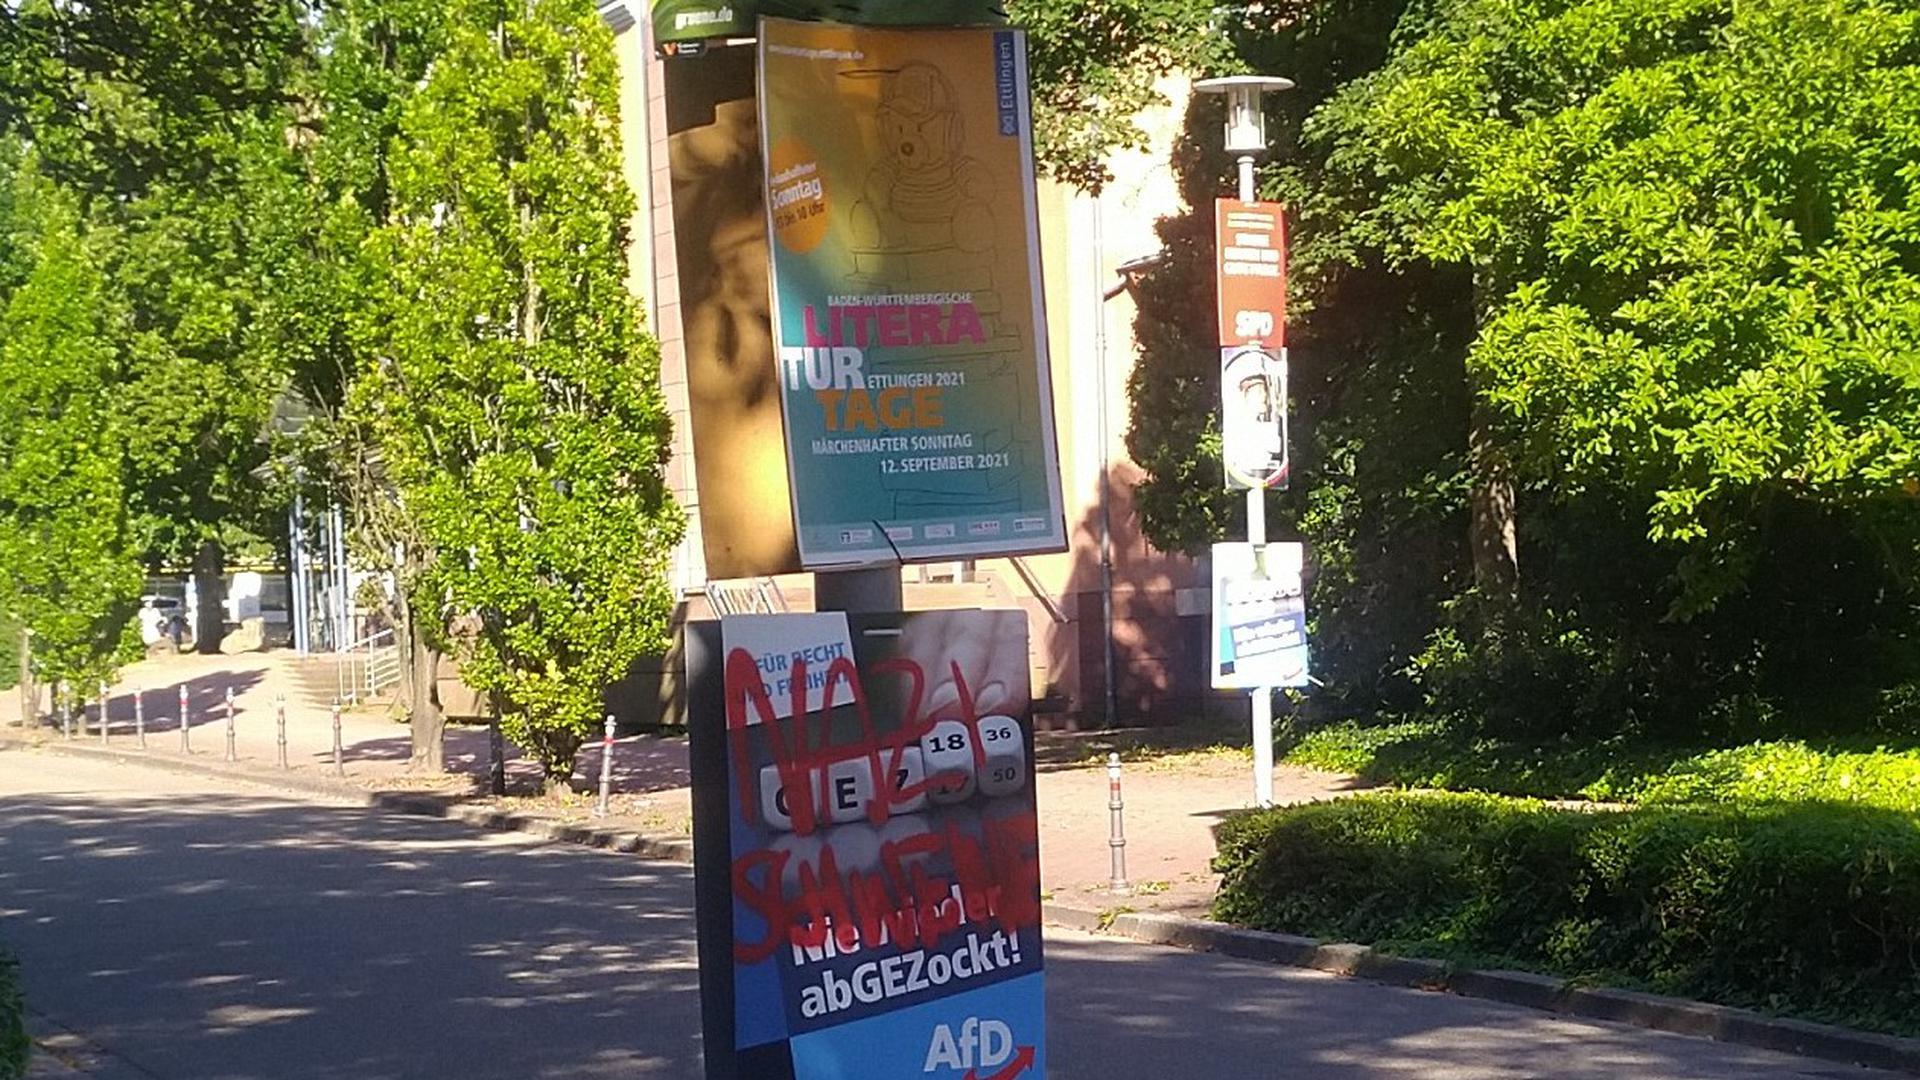 An einem Laternenmast hängen drei Plakate. Eines wirbt für die Literaturtage in Ettlingen. Oben hängt ein Wahlplakat der Grünen, unten das der AfD, das beschmiert worden ist.